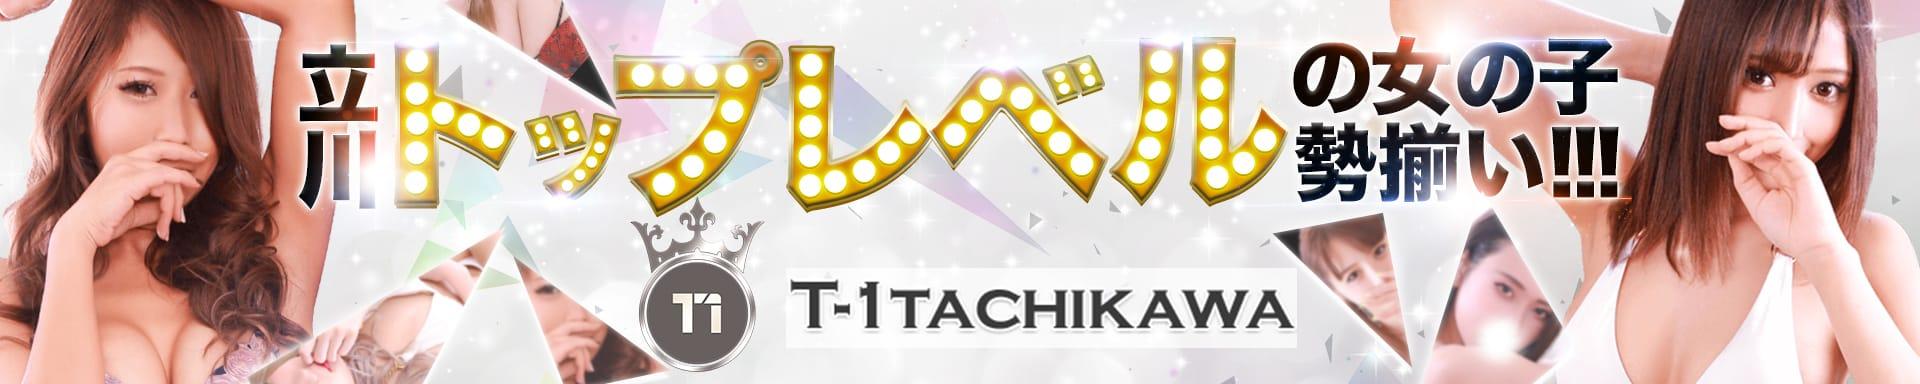 T-1 TACHIKAWA(ティーワン 立川) その2